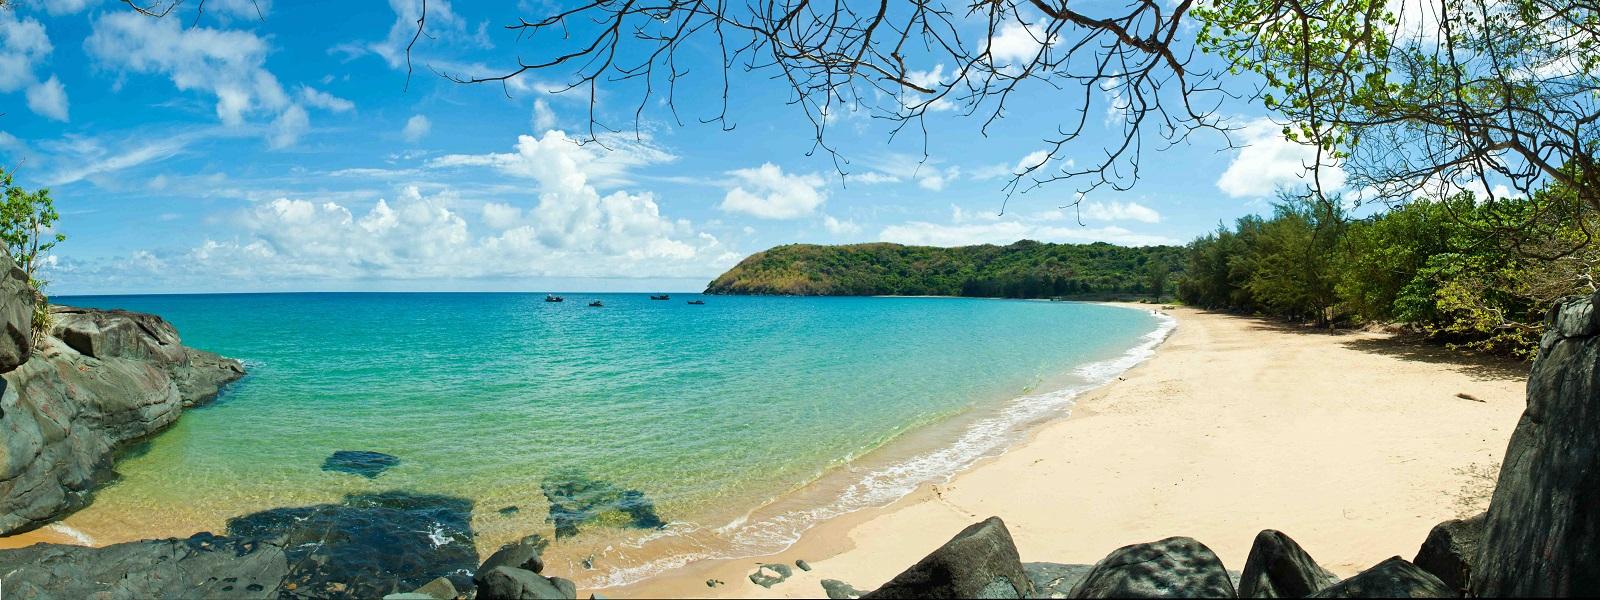 Tuần trăng mật Côn Đảo – Biển gọi tình yêu